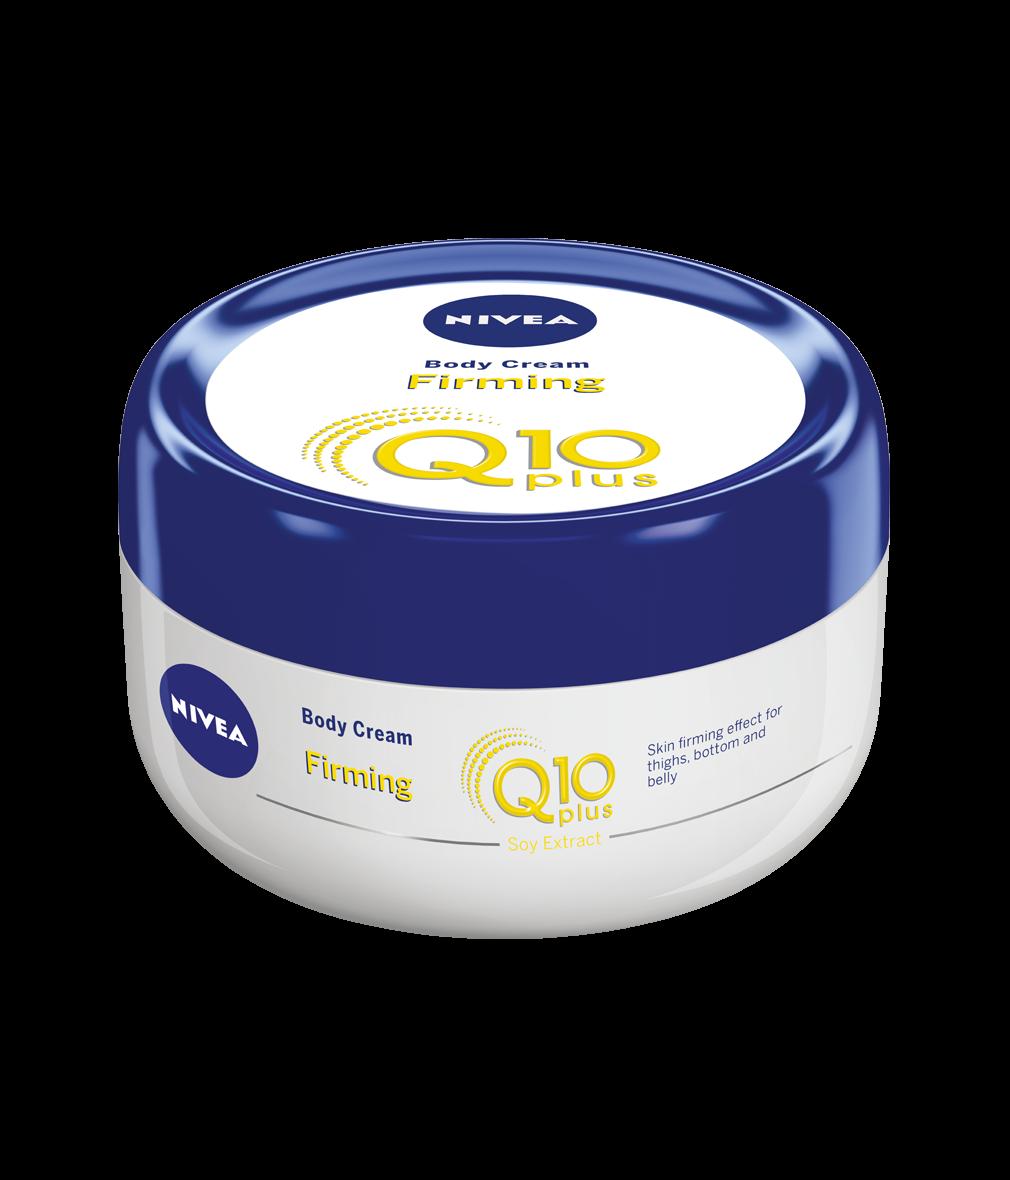 НИВЕА Q10+ ФИРМИНГ Крем за тяло със стягащ и оформящ ефект 300мл | NIVEA Q10+ FIRMING Body cream 300ml